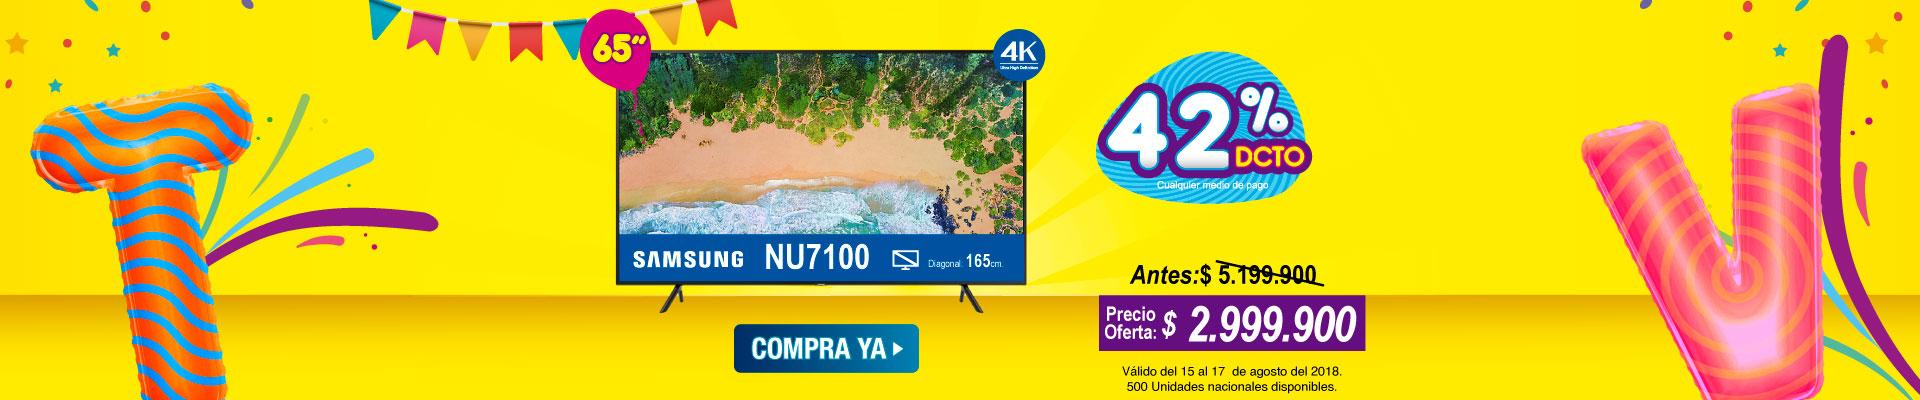 ALKP-PPAL-4-TV-PP---Samsung-65NU7100-Ago15